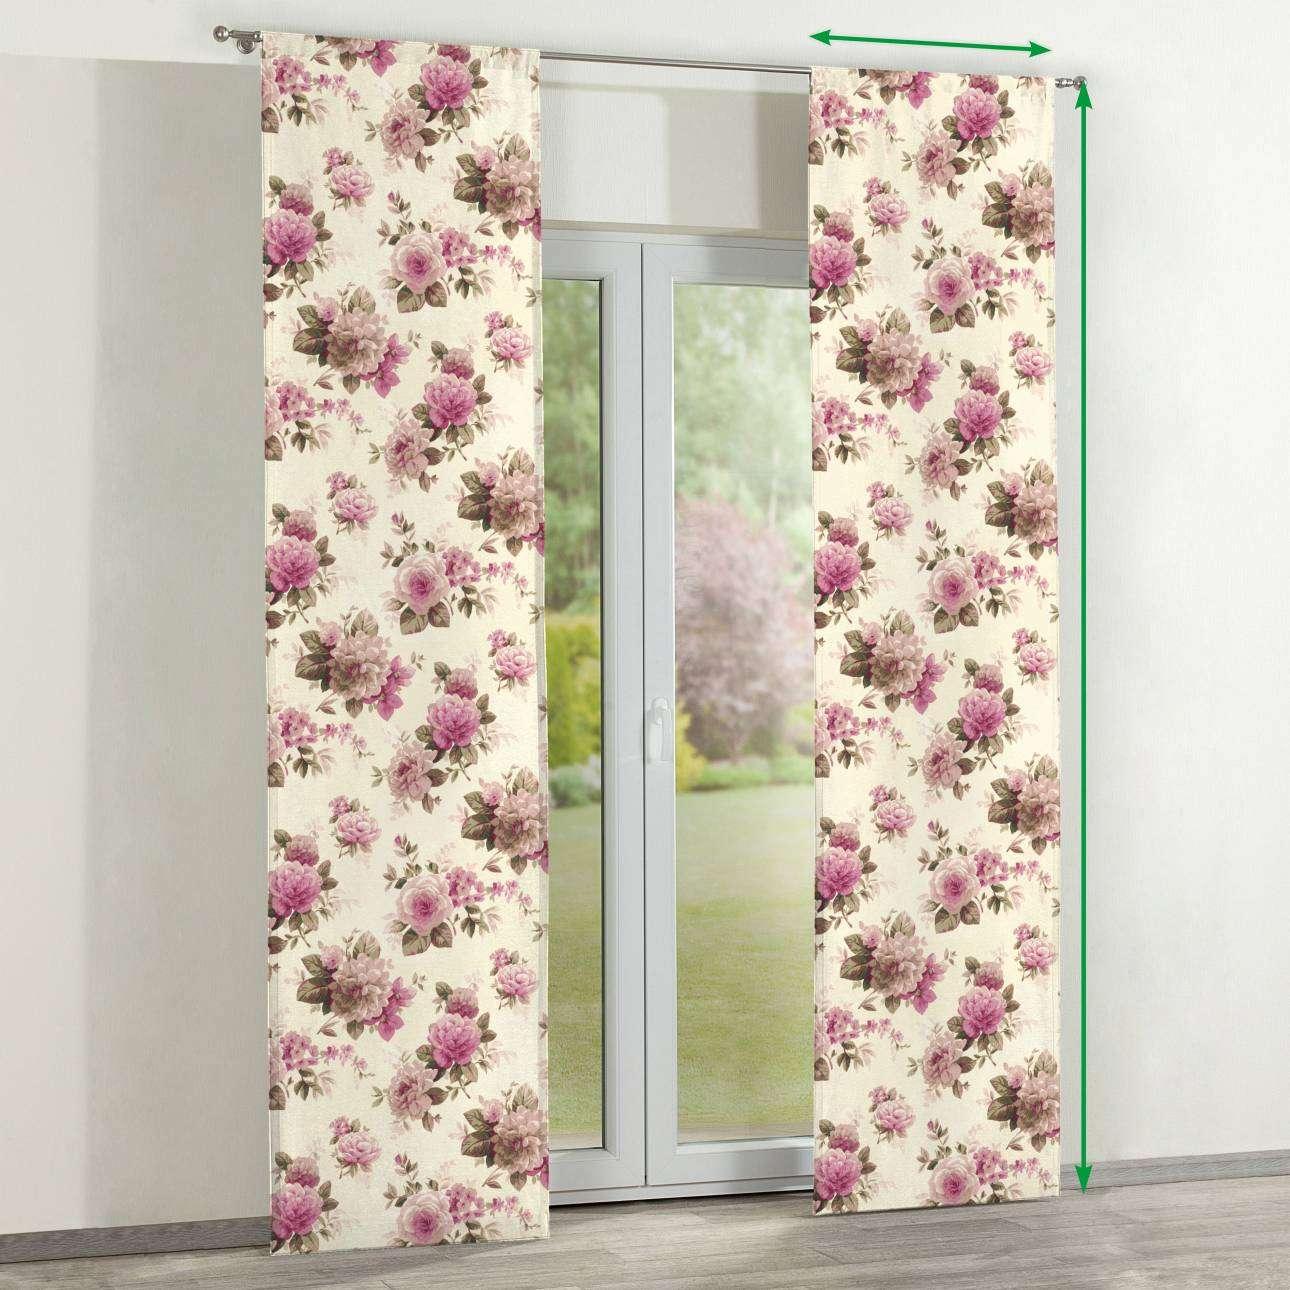 Zasłony panelowe 2 szt. w kolekcji Mirella, tkanina: 141-07